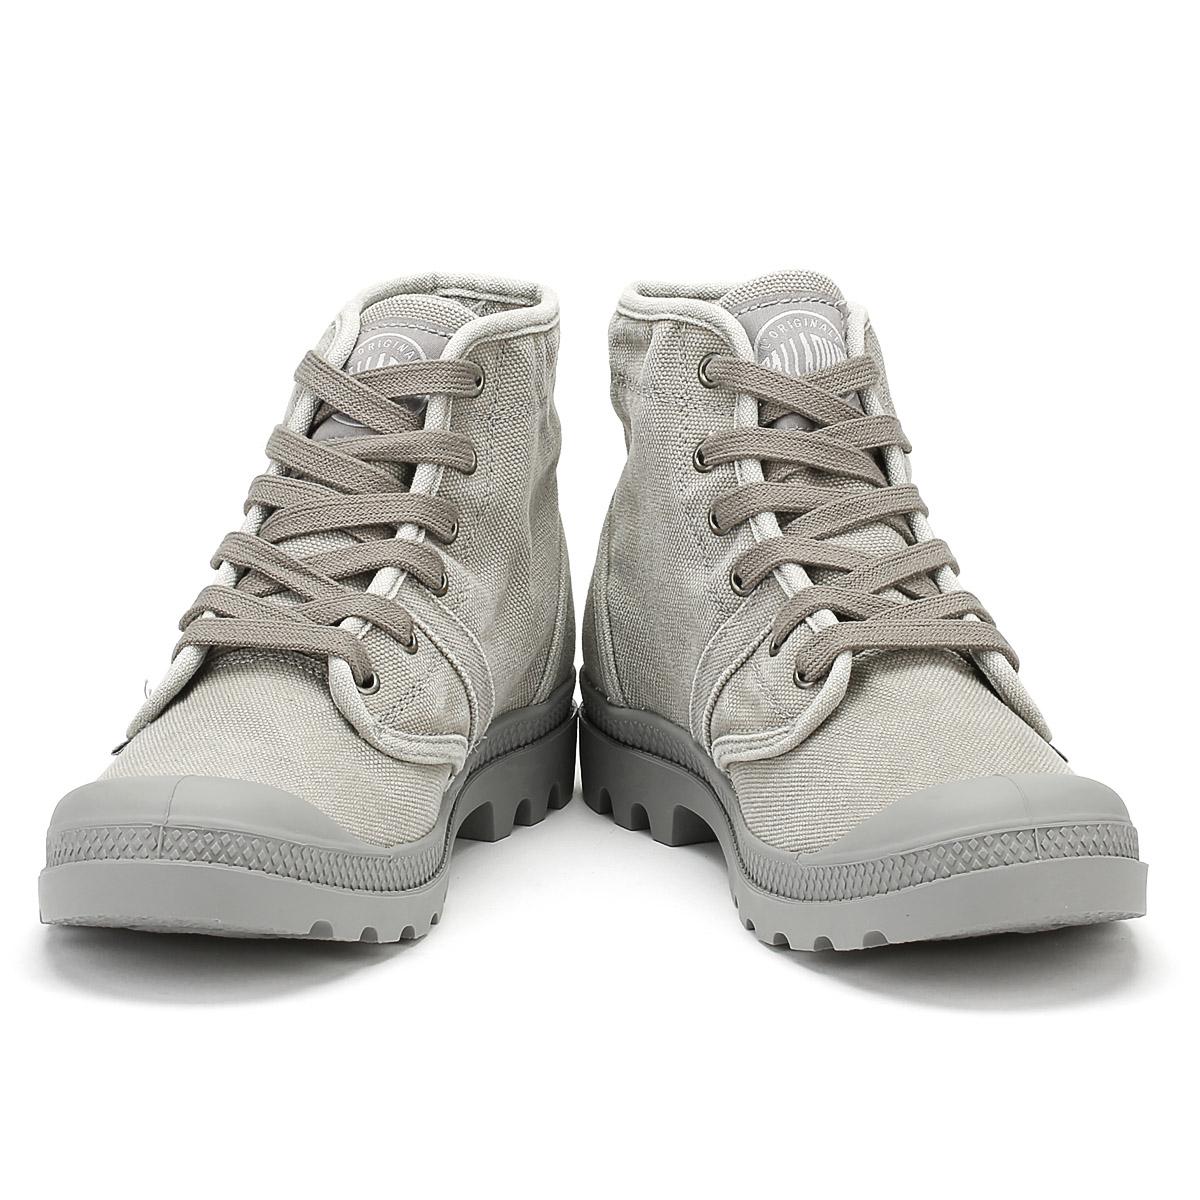 Scarpe casual da uomo  Stivali da uomo Palladium Grigio Titanio Hi Rise Pallabrouse Lacci Scarpe di tela